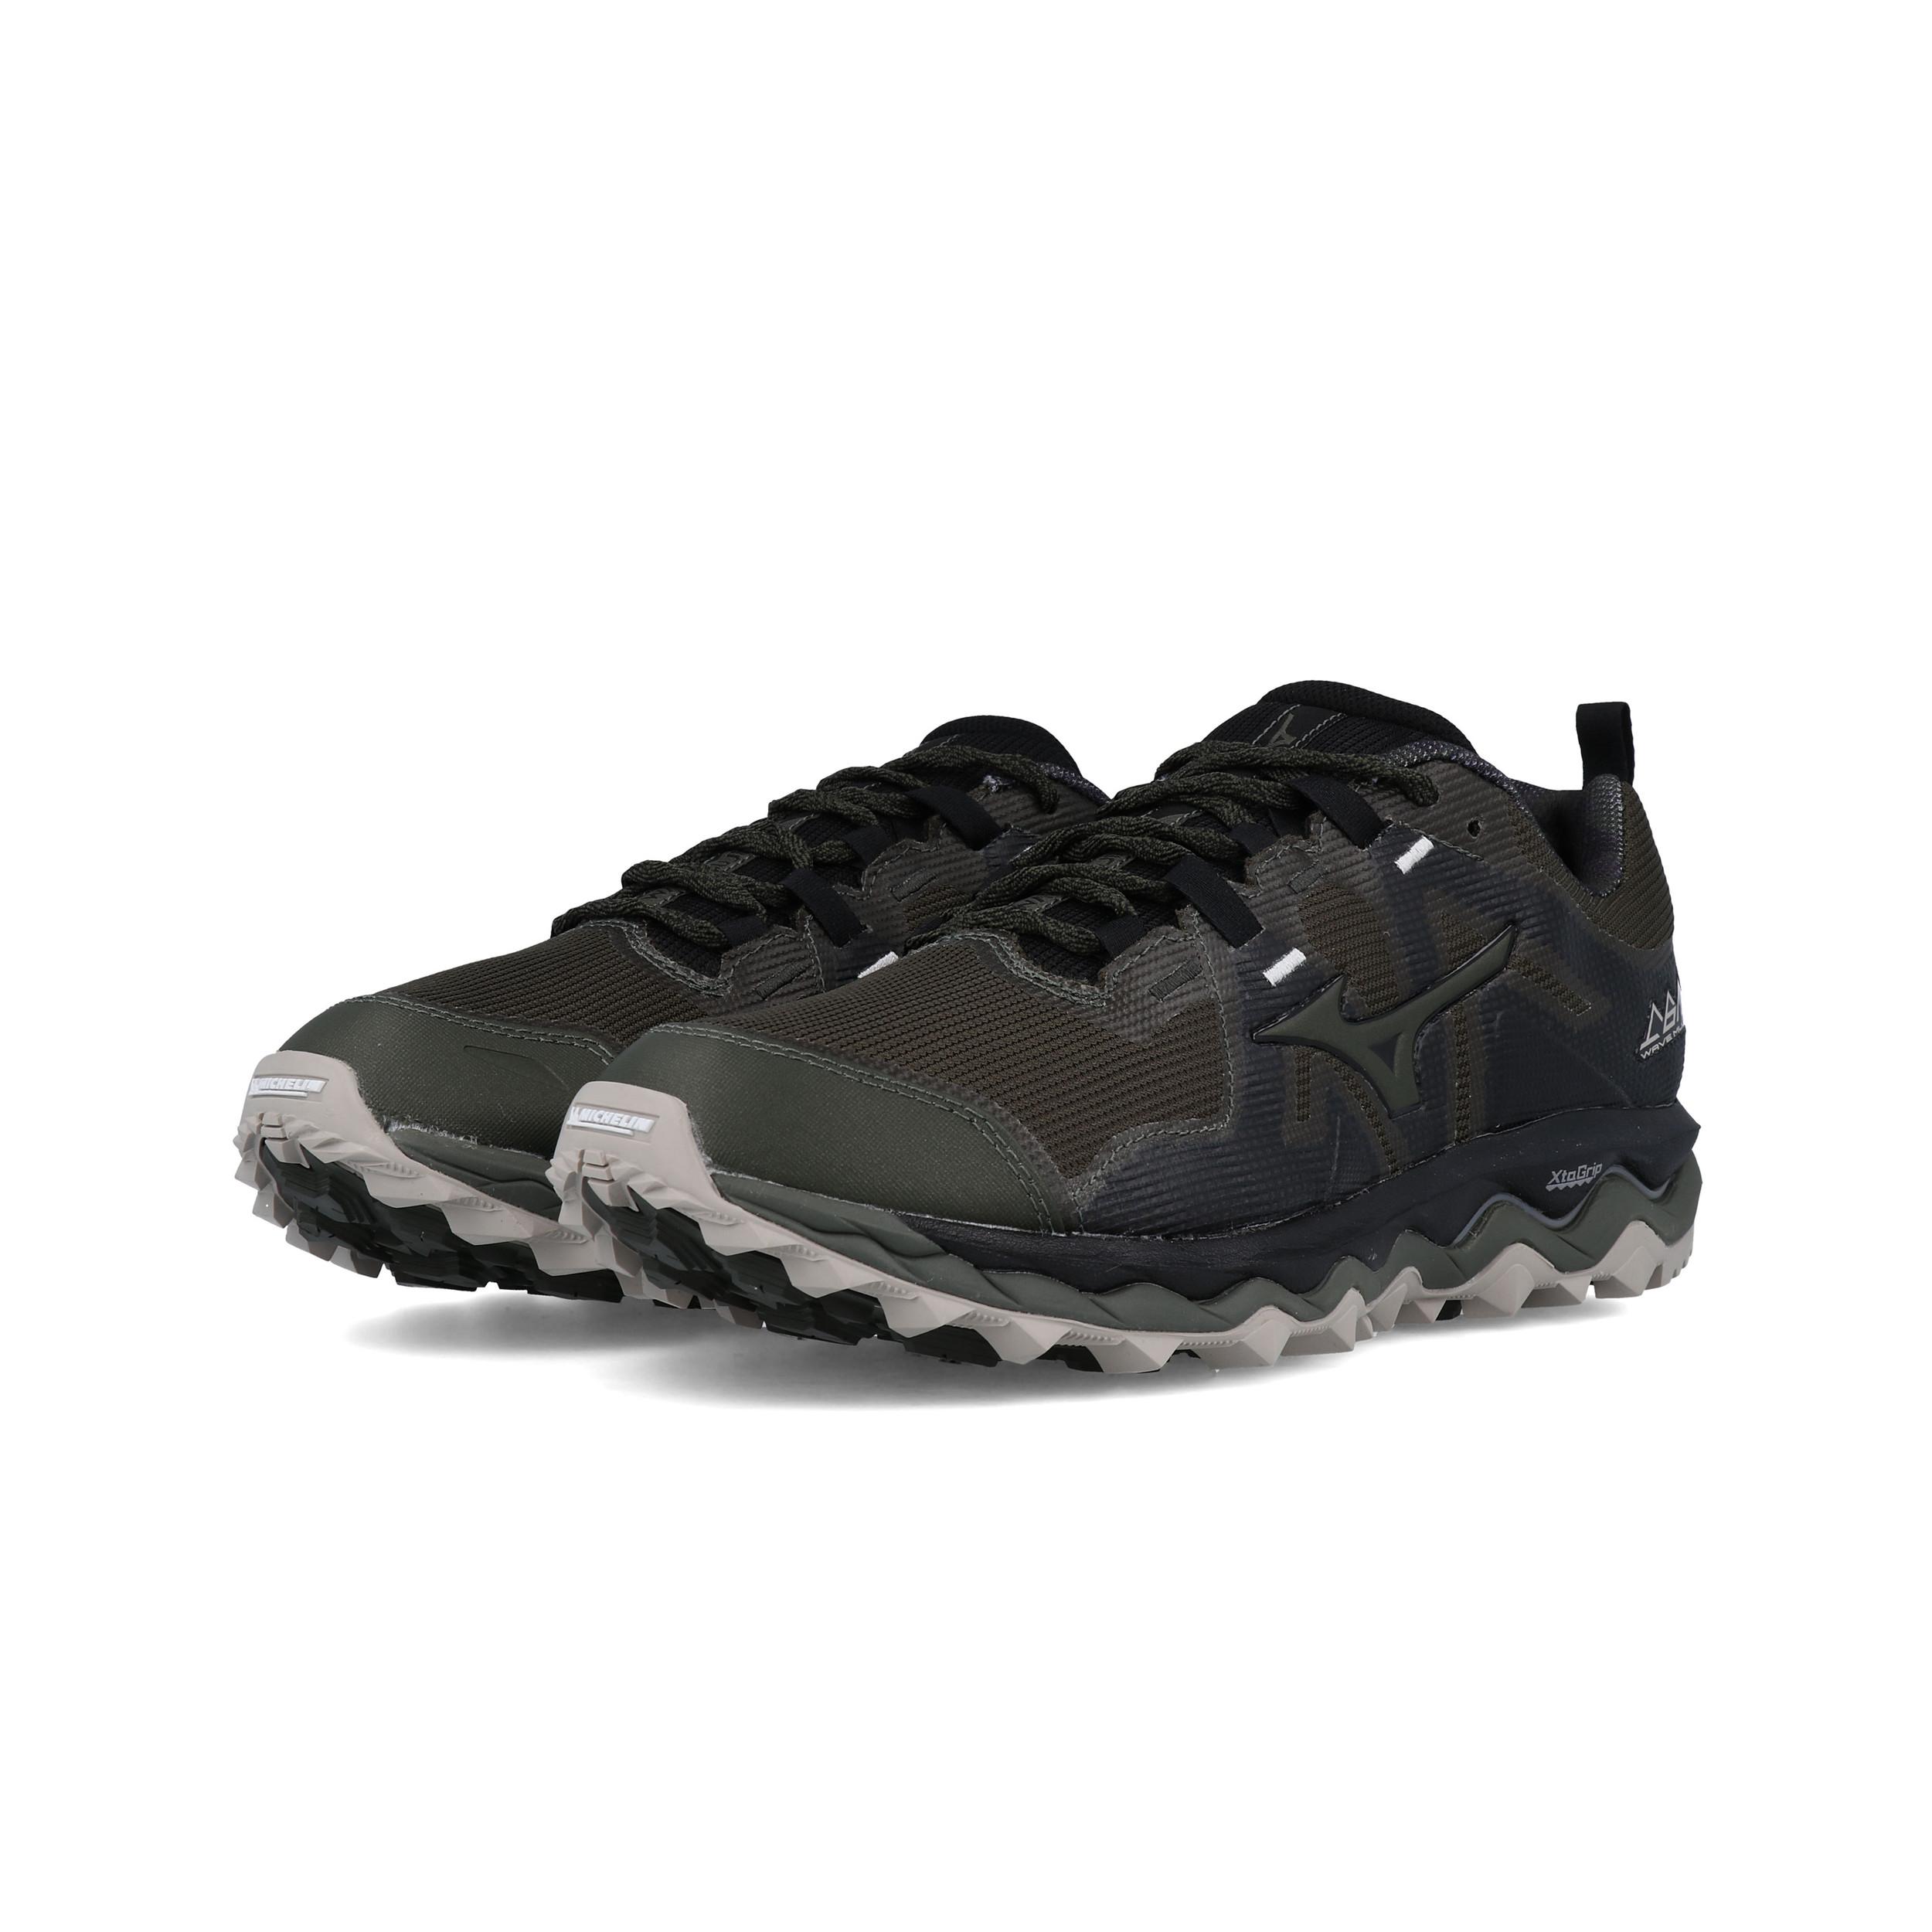 Mizuno Wave Mujin 6 Trail Running Shoes